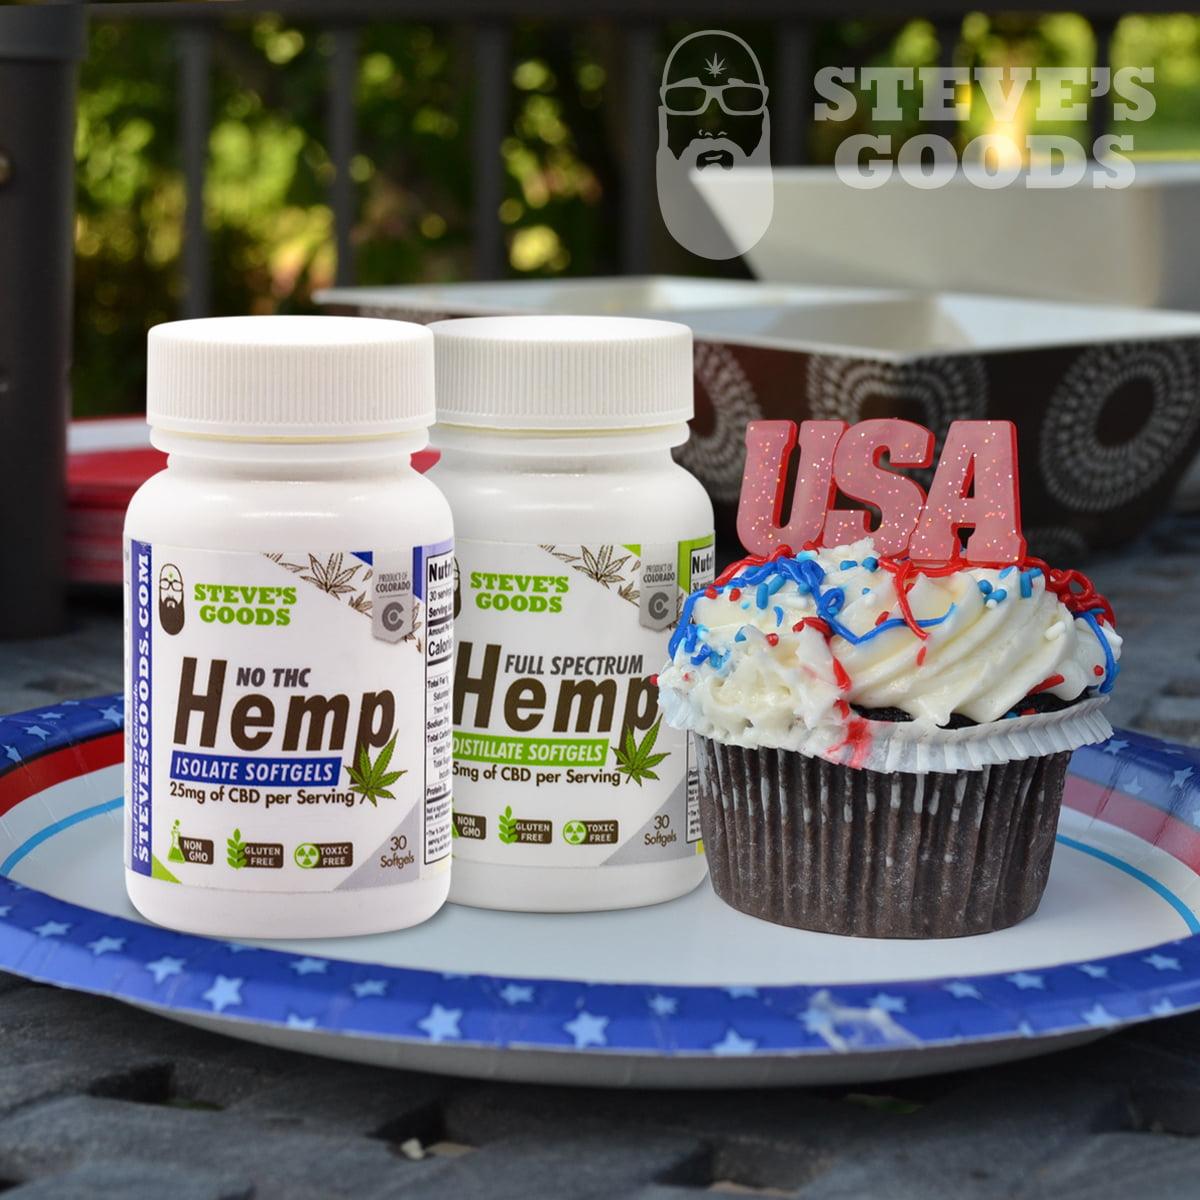 steves-goods-cbd-cbg-capsules-isolate-fullspectrum-hemp